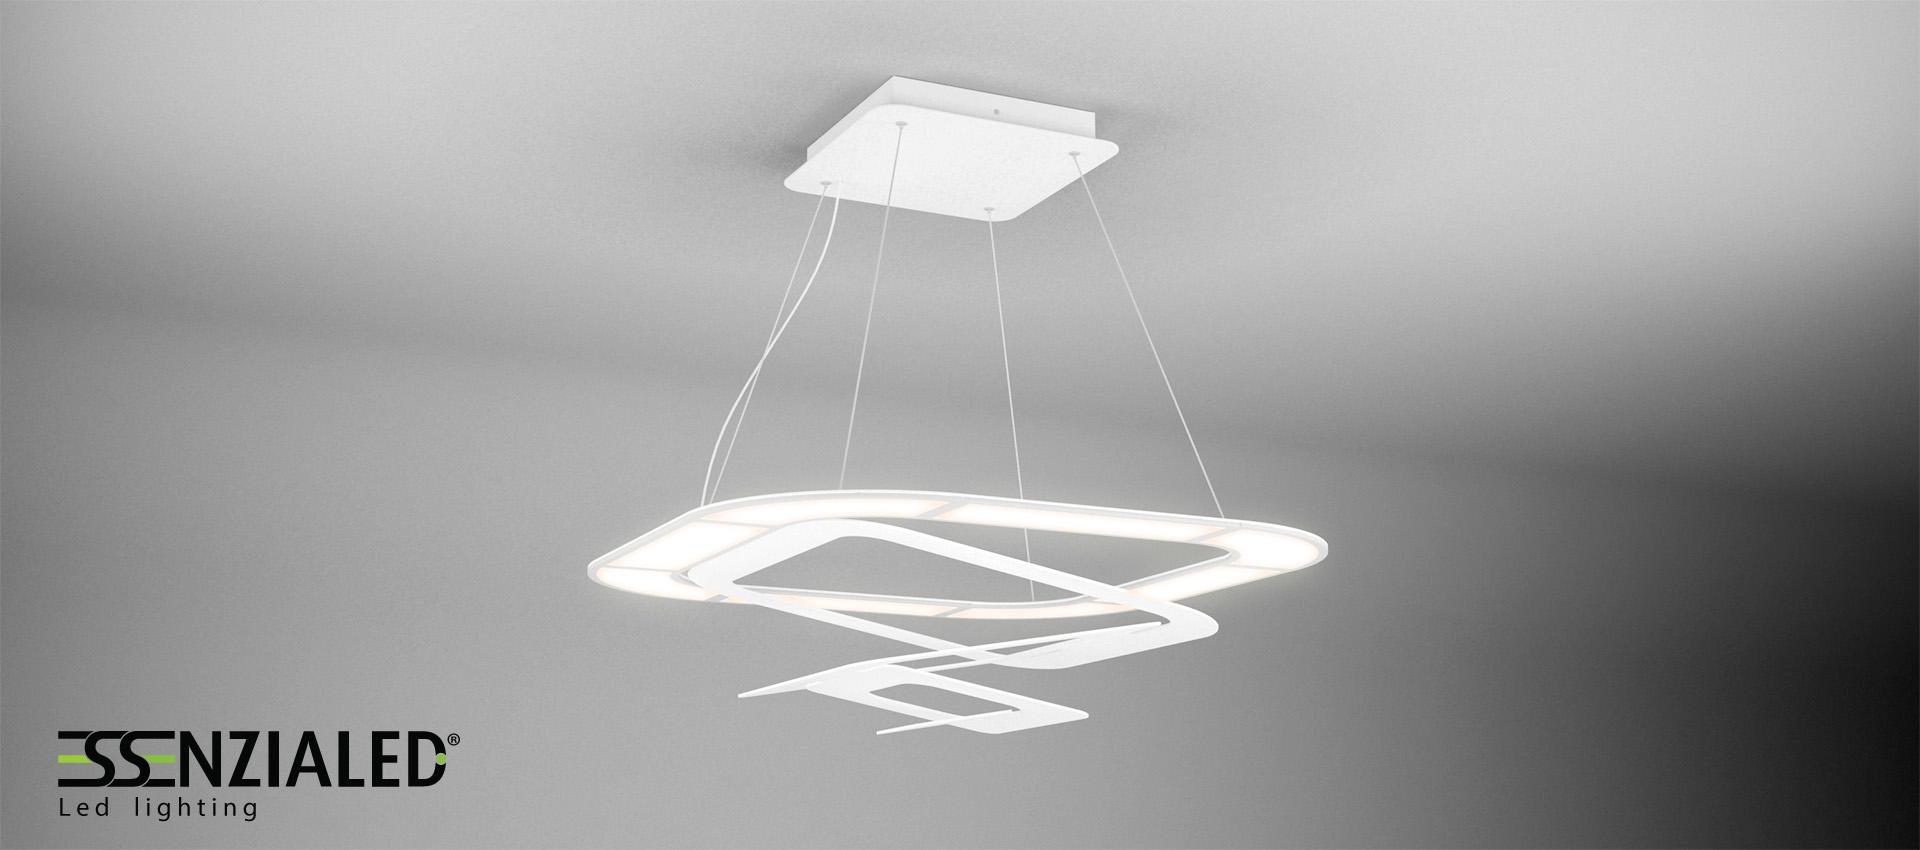 Lampada a sospensione ledessenzialed illuminazione a led - Lampade a led per cucina ...